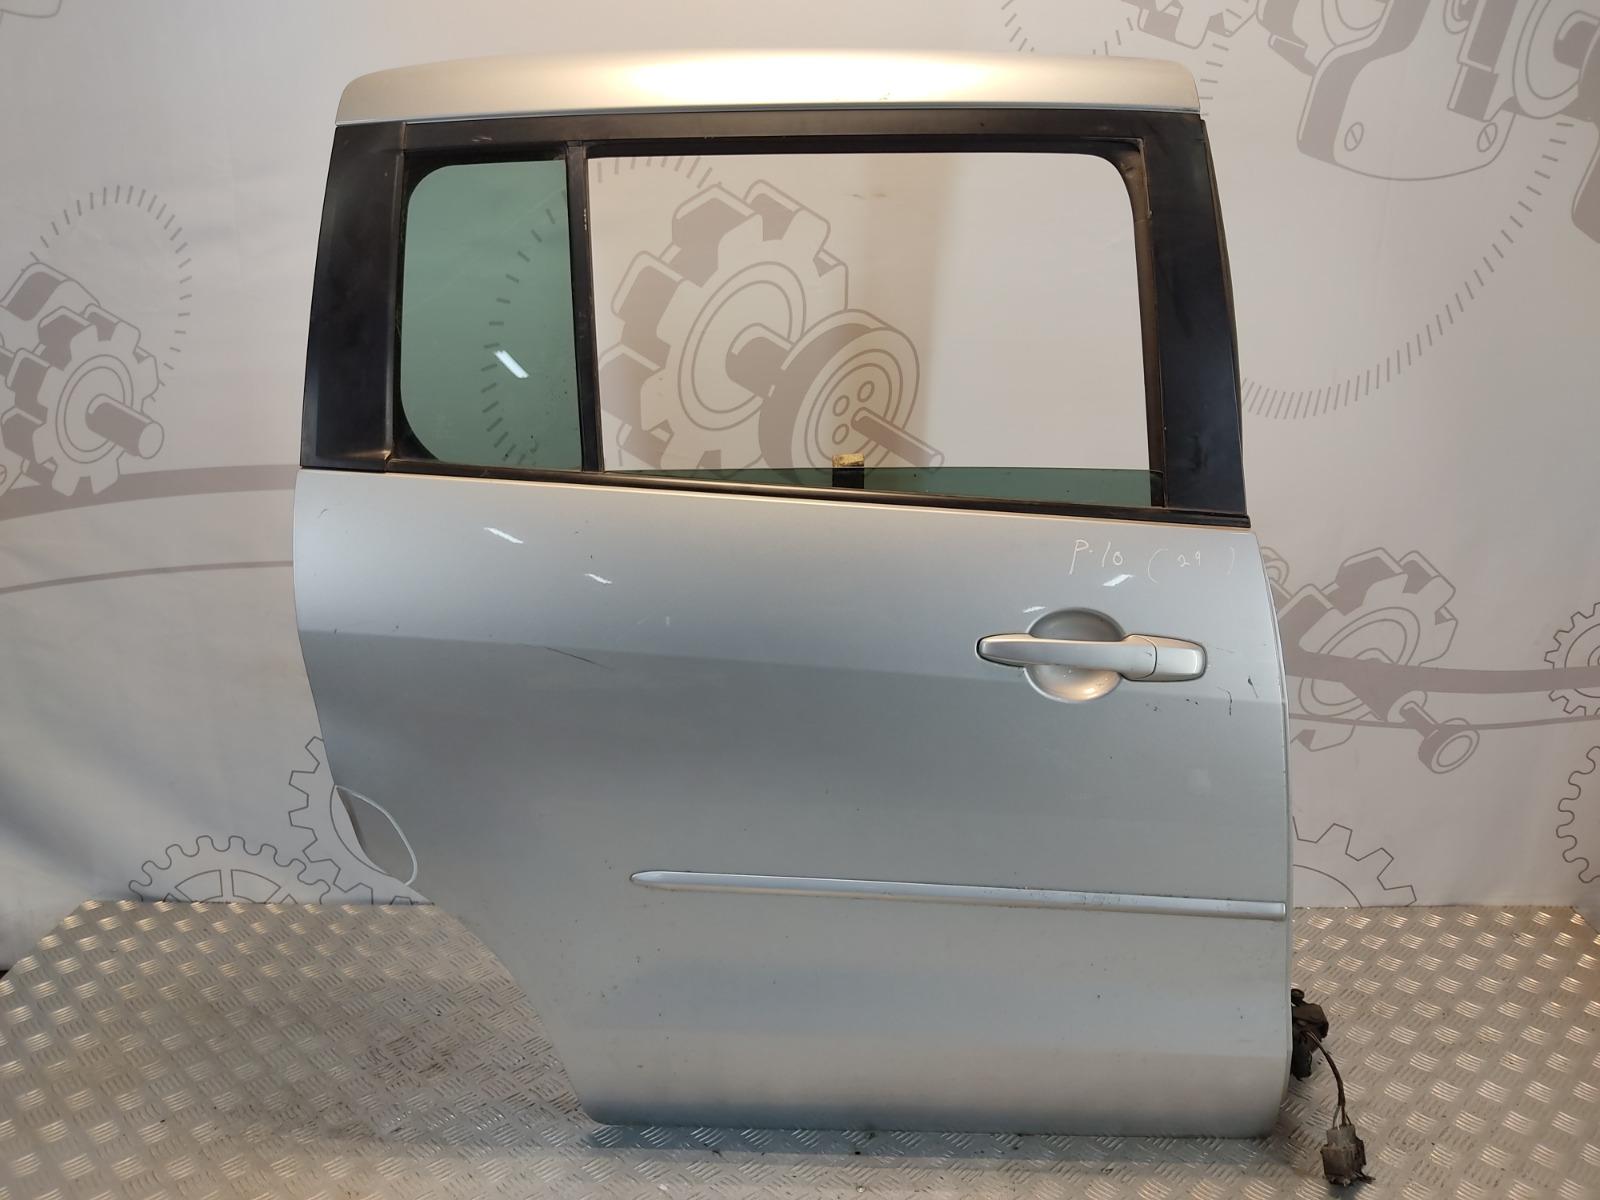 Дверь сдвижная правая Mazda 5 2.0 TD 2006 (б/у)